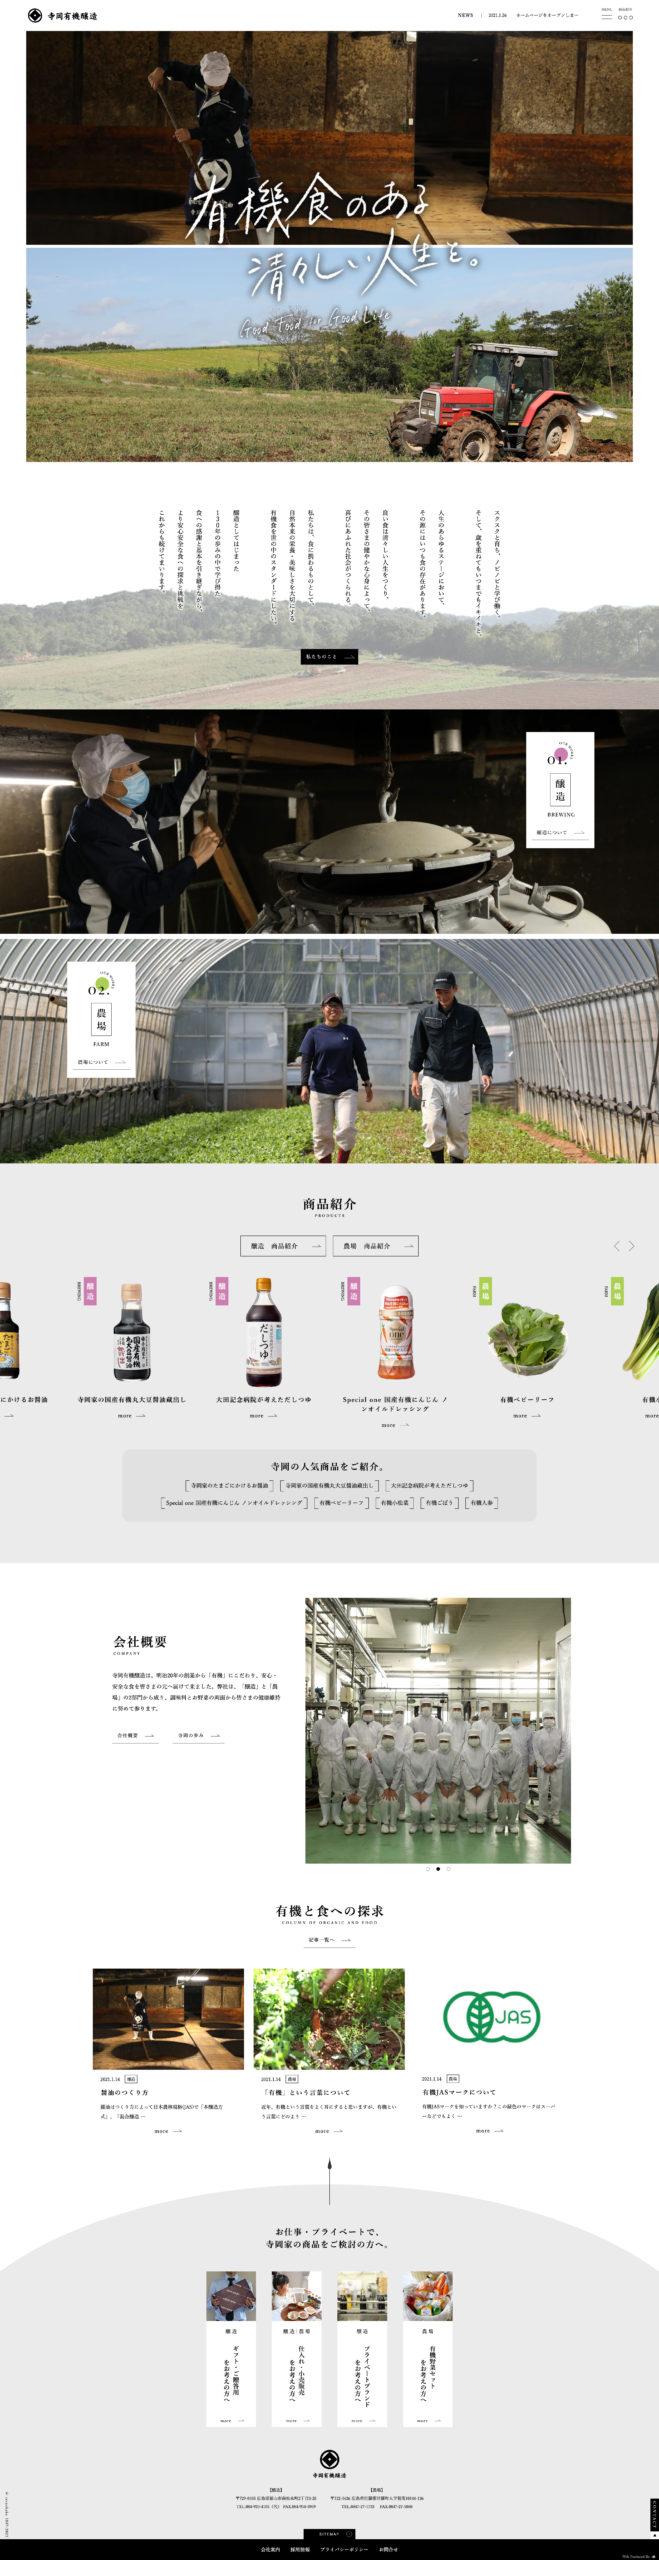 寺岡有機醸造株式会社WEBサイトTOPデザイン